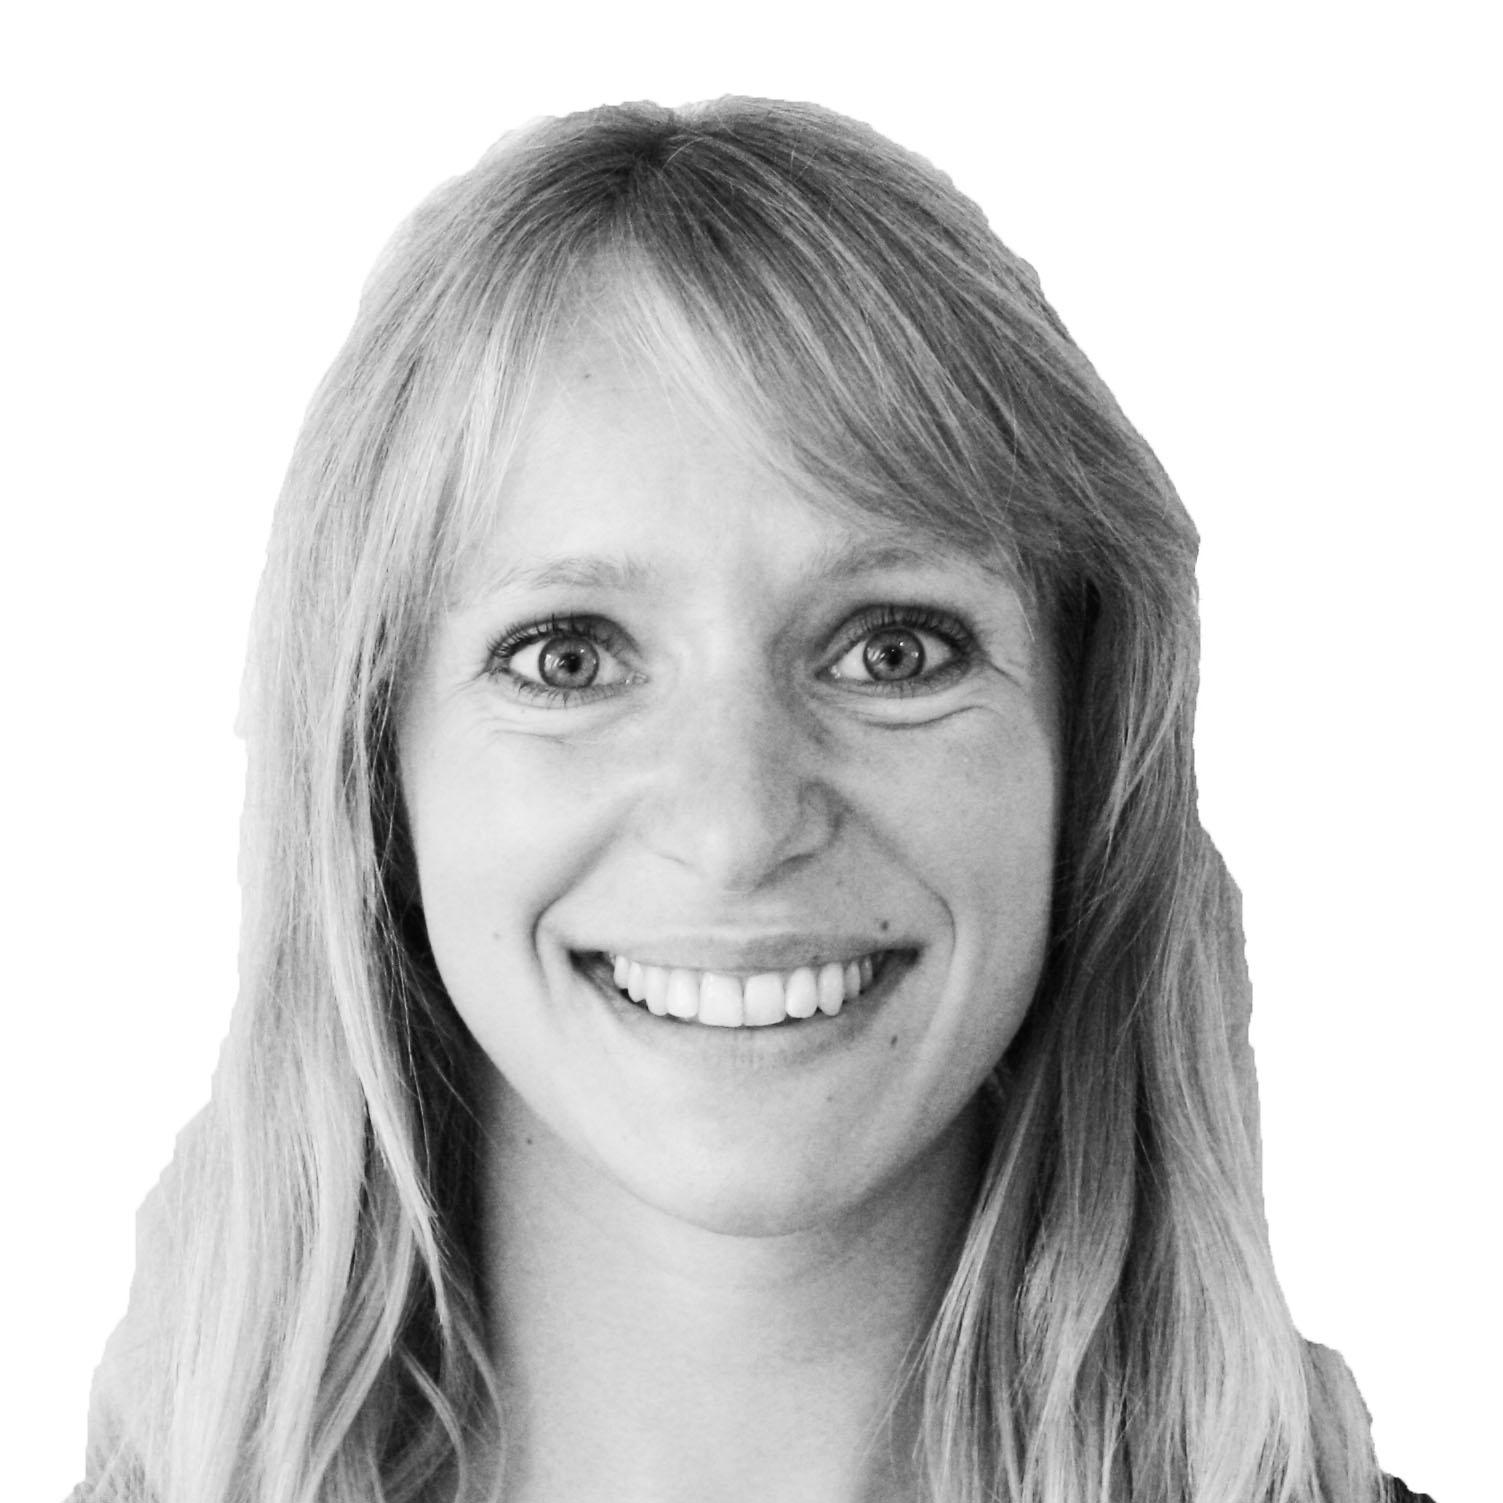 Marie Møller Kristensen